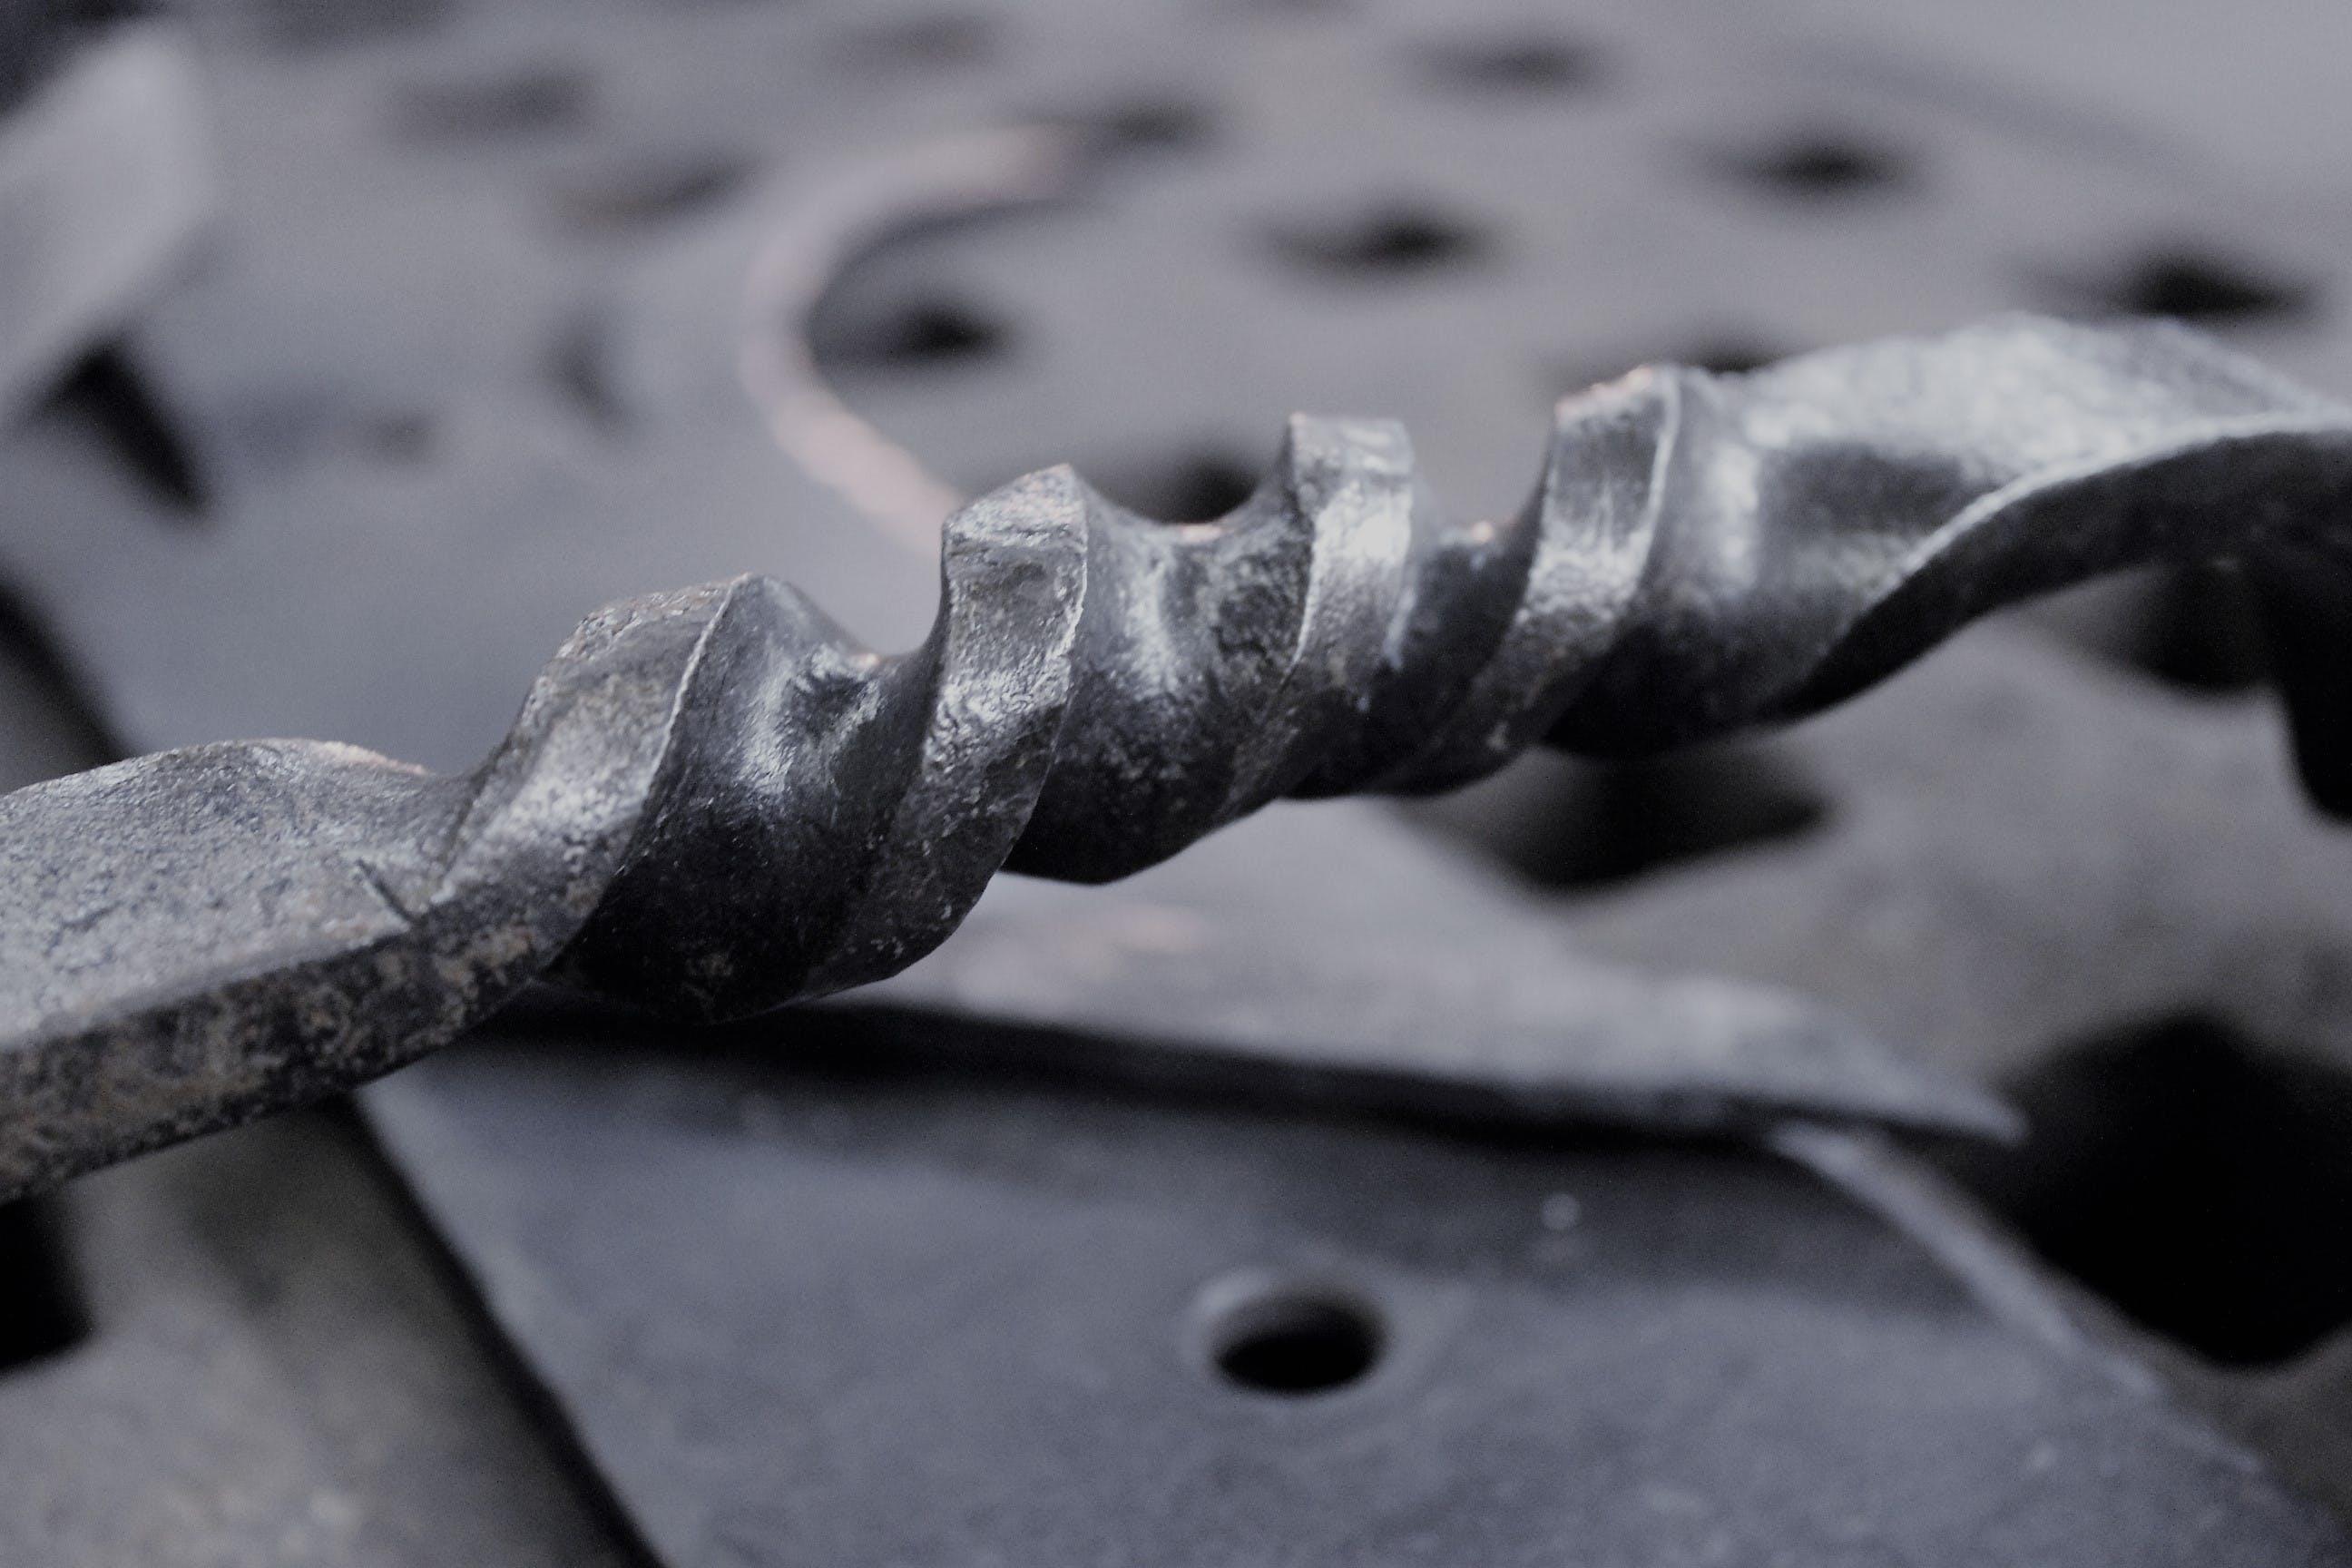 Free stock photo of black and white, blacksmith, metal, metal art